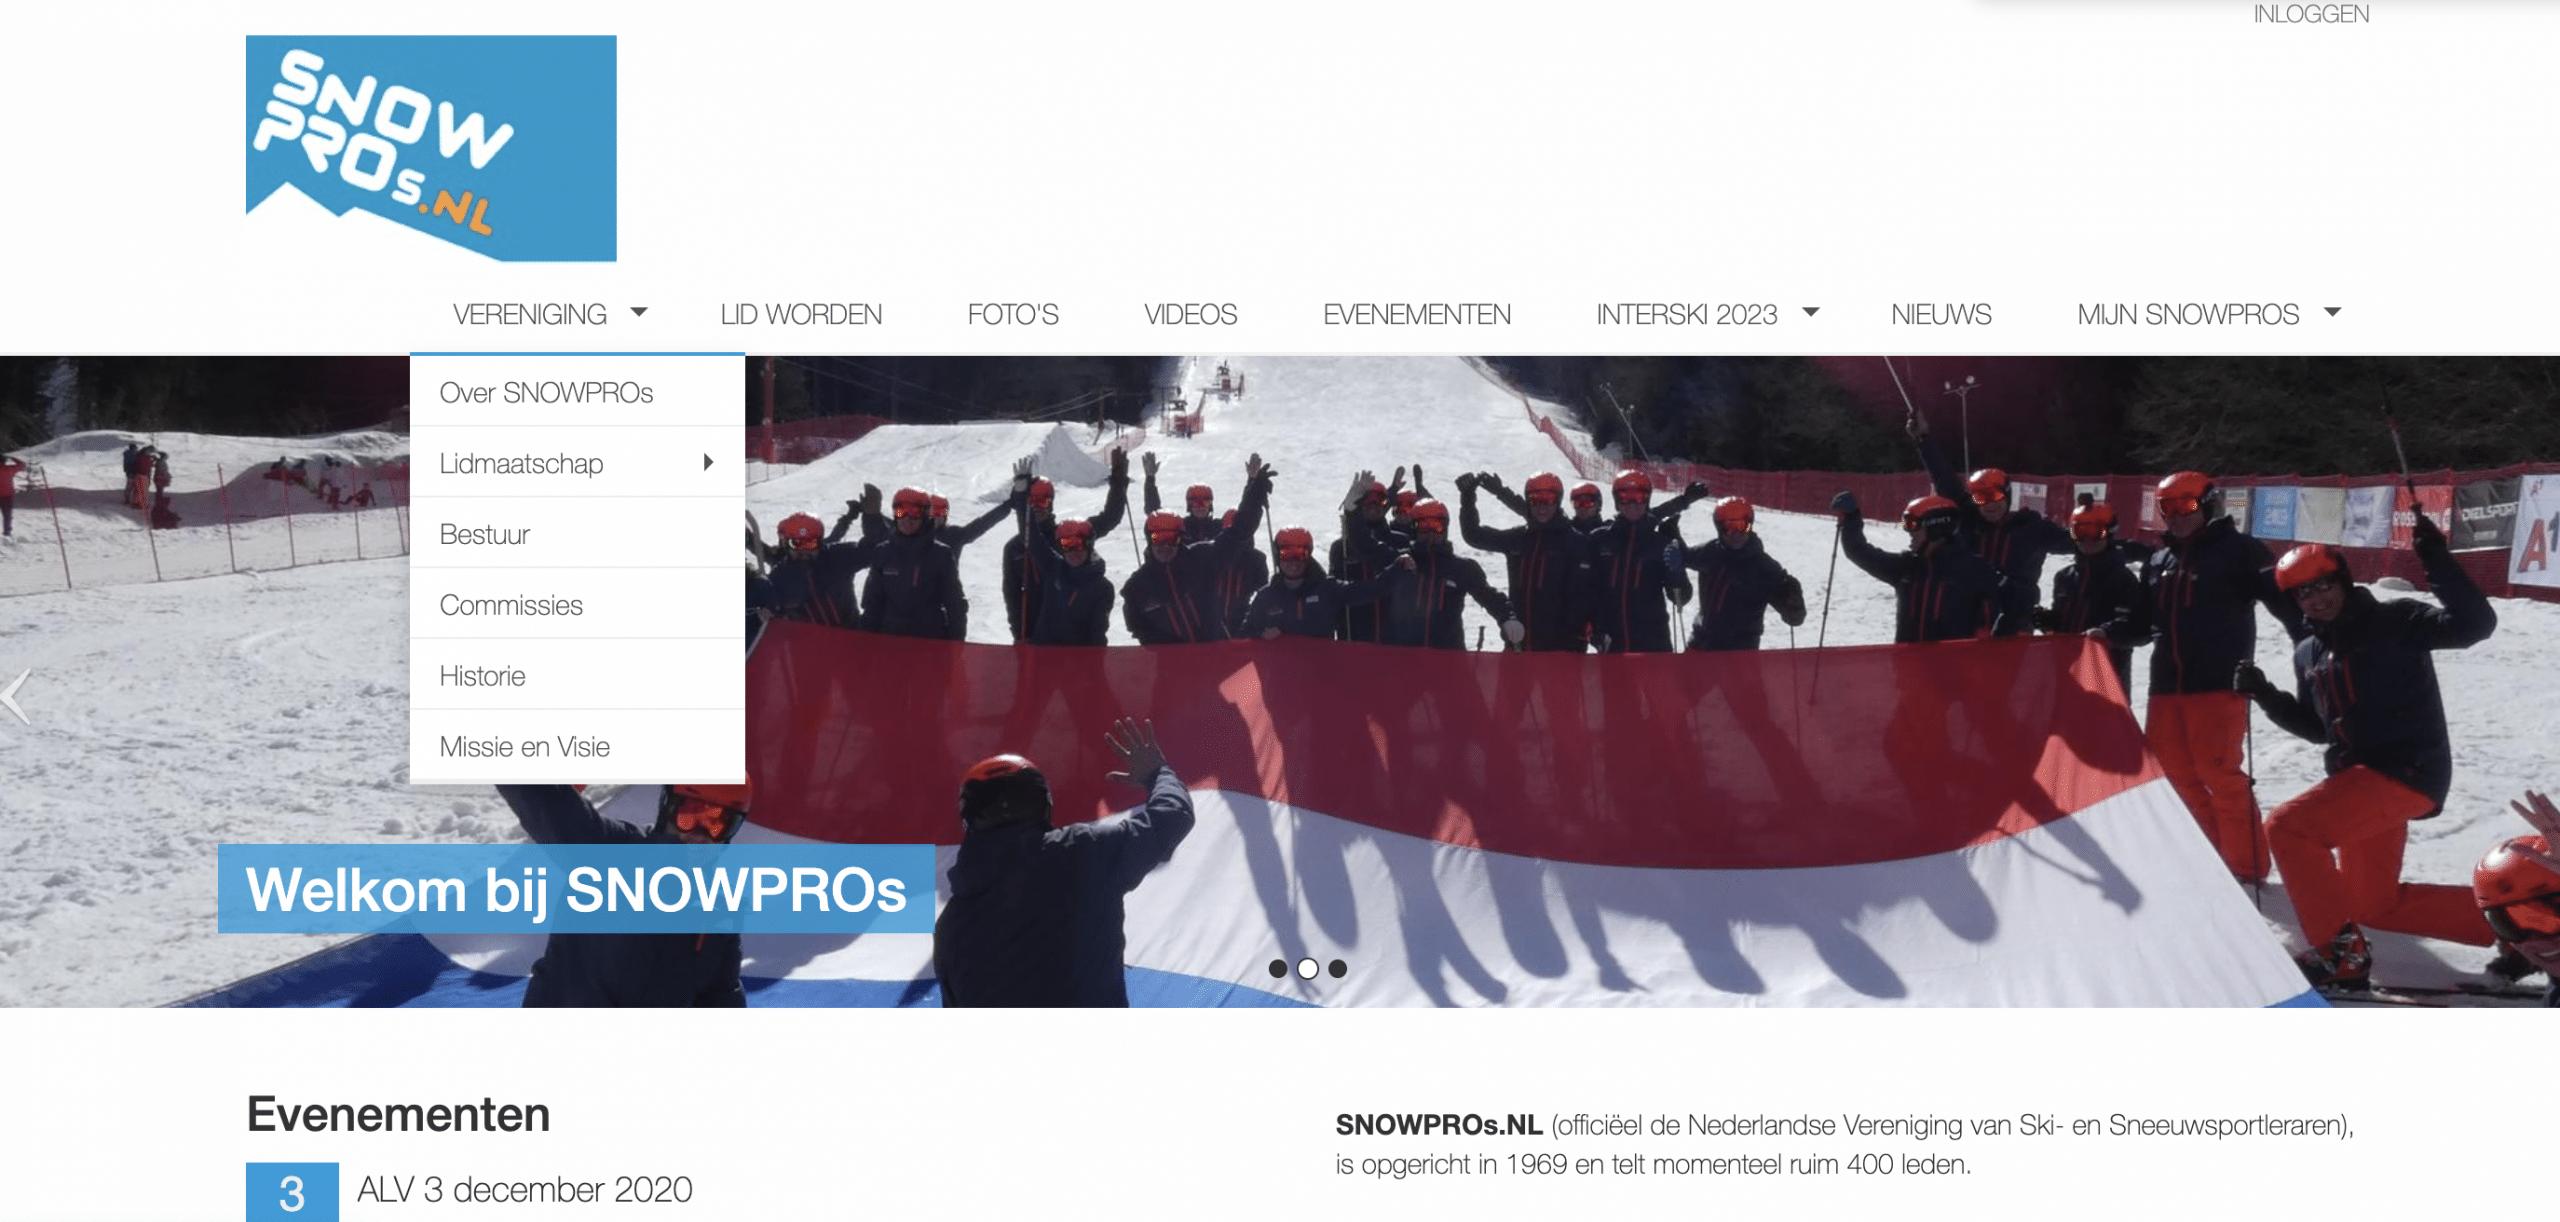 vereniging website menu